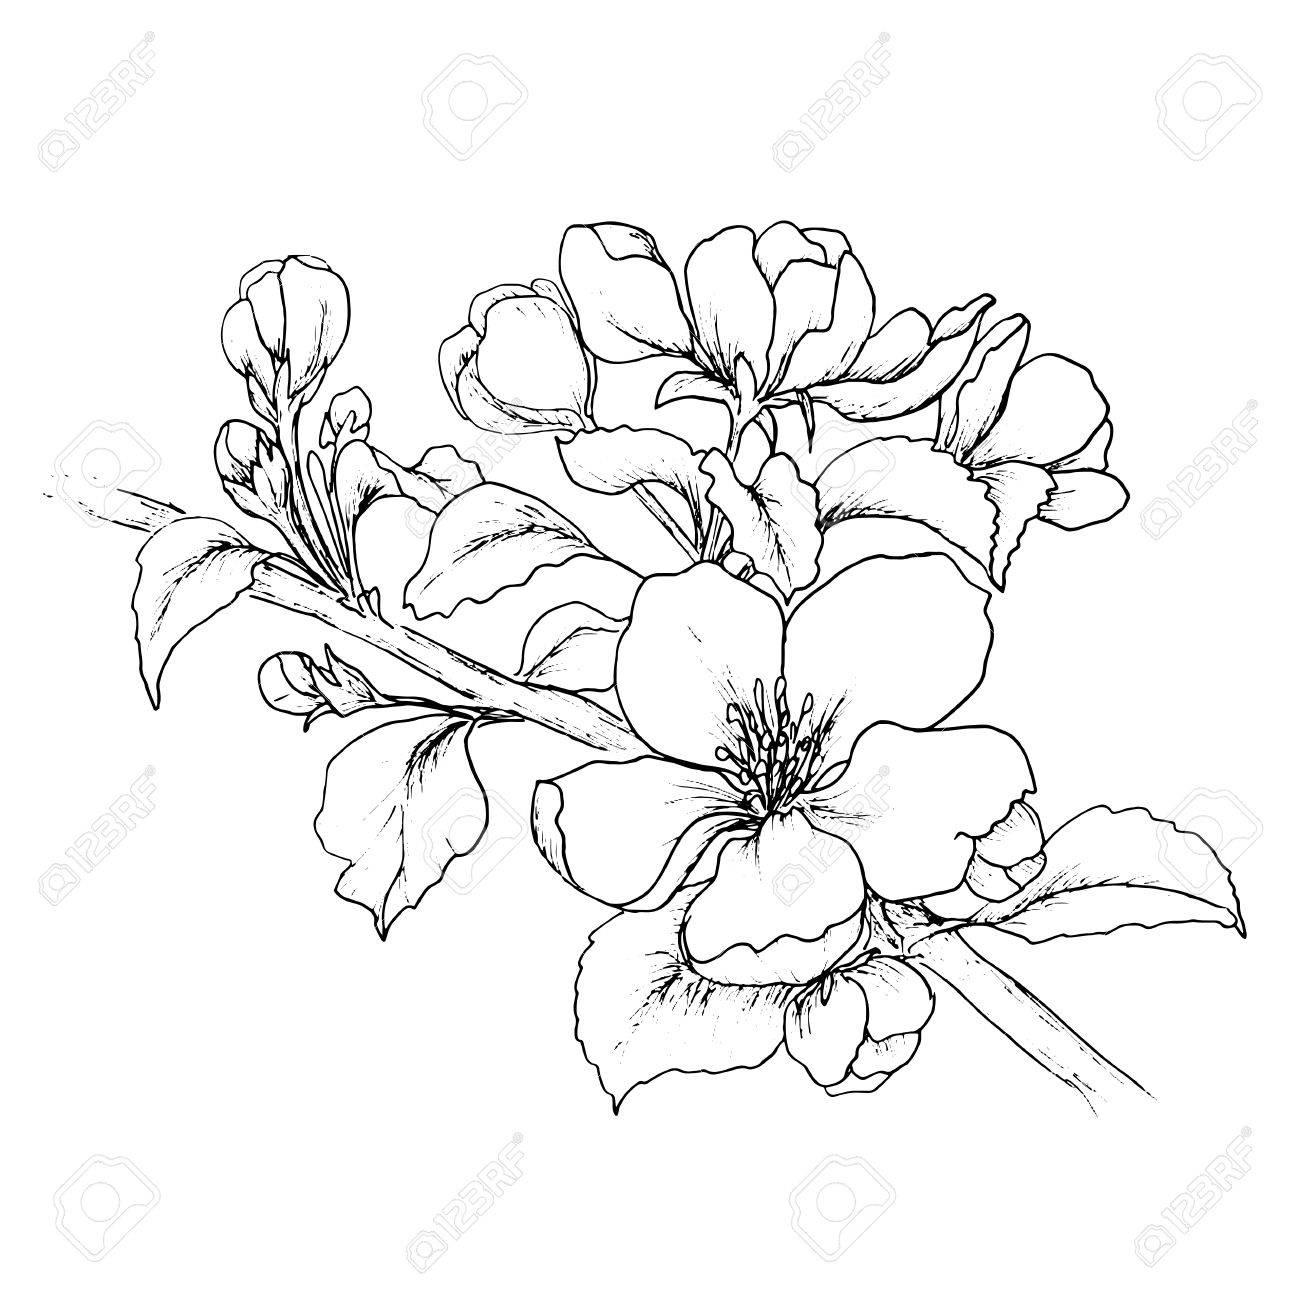 Tatouage Branche De Cerisier Noir Et Blanc Fleurs De Cerisier